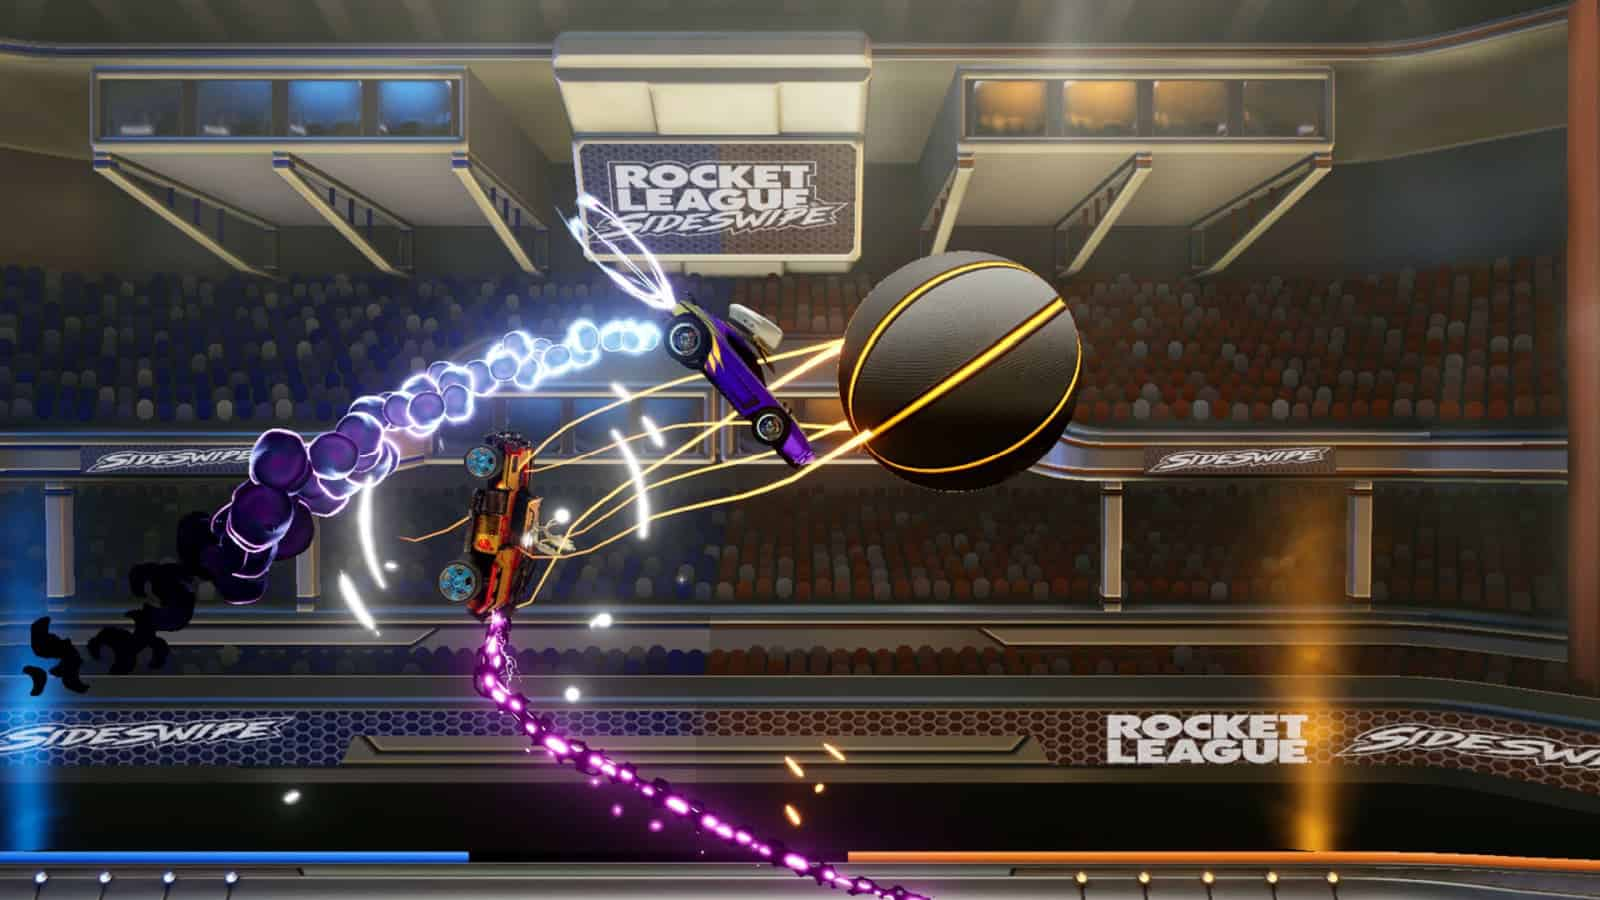 Rocket League Side Swipe Mobile 3